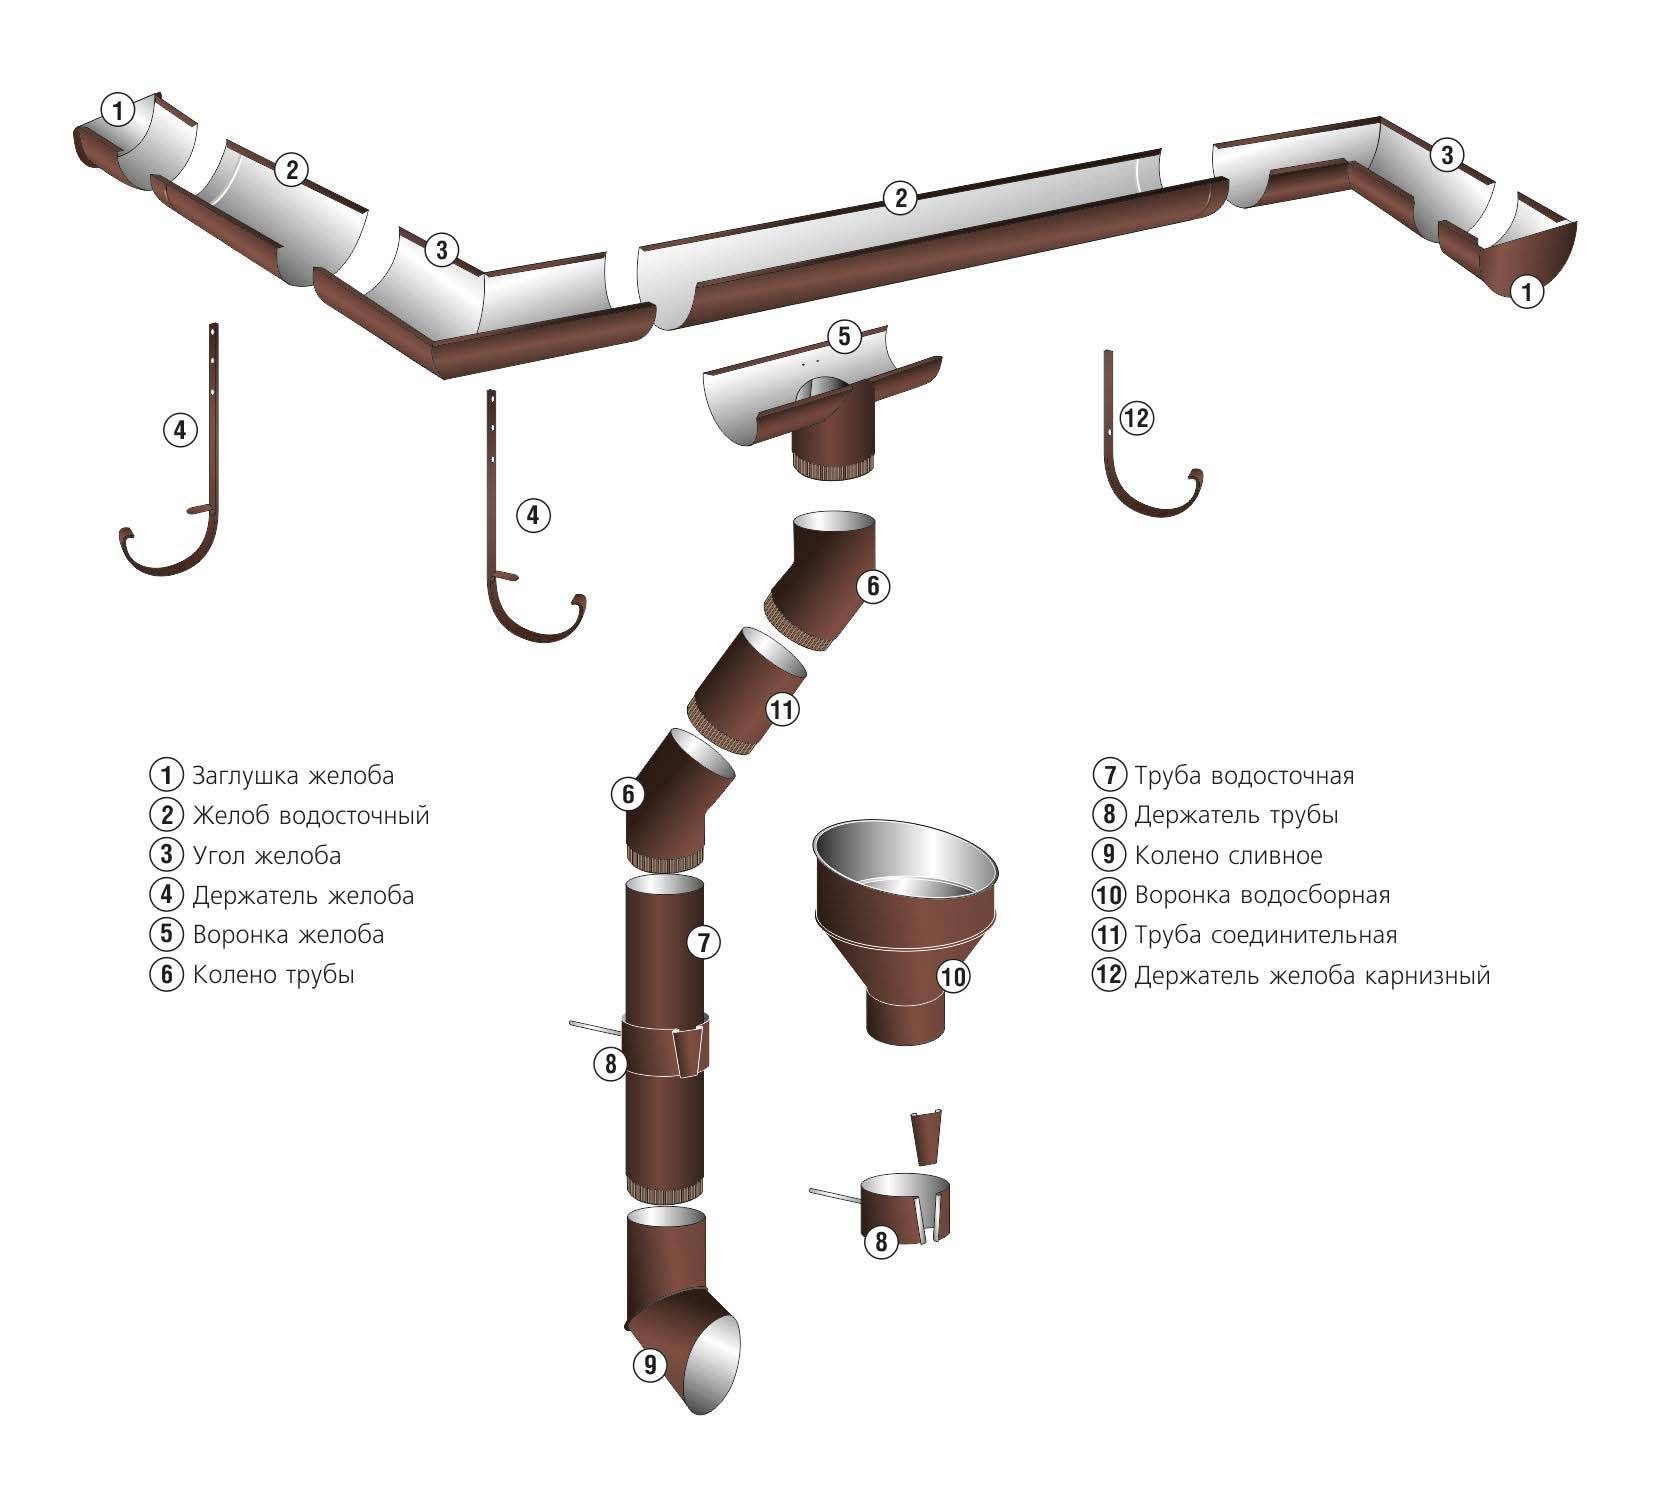 Водосток для крыши своими руками: как организовать слив, варианты материалов, необходимые инструменты